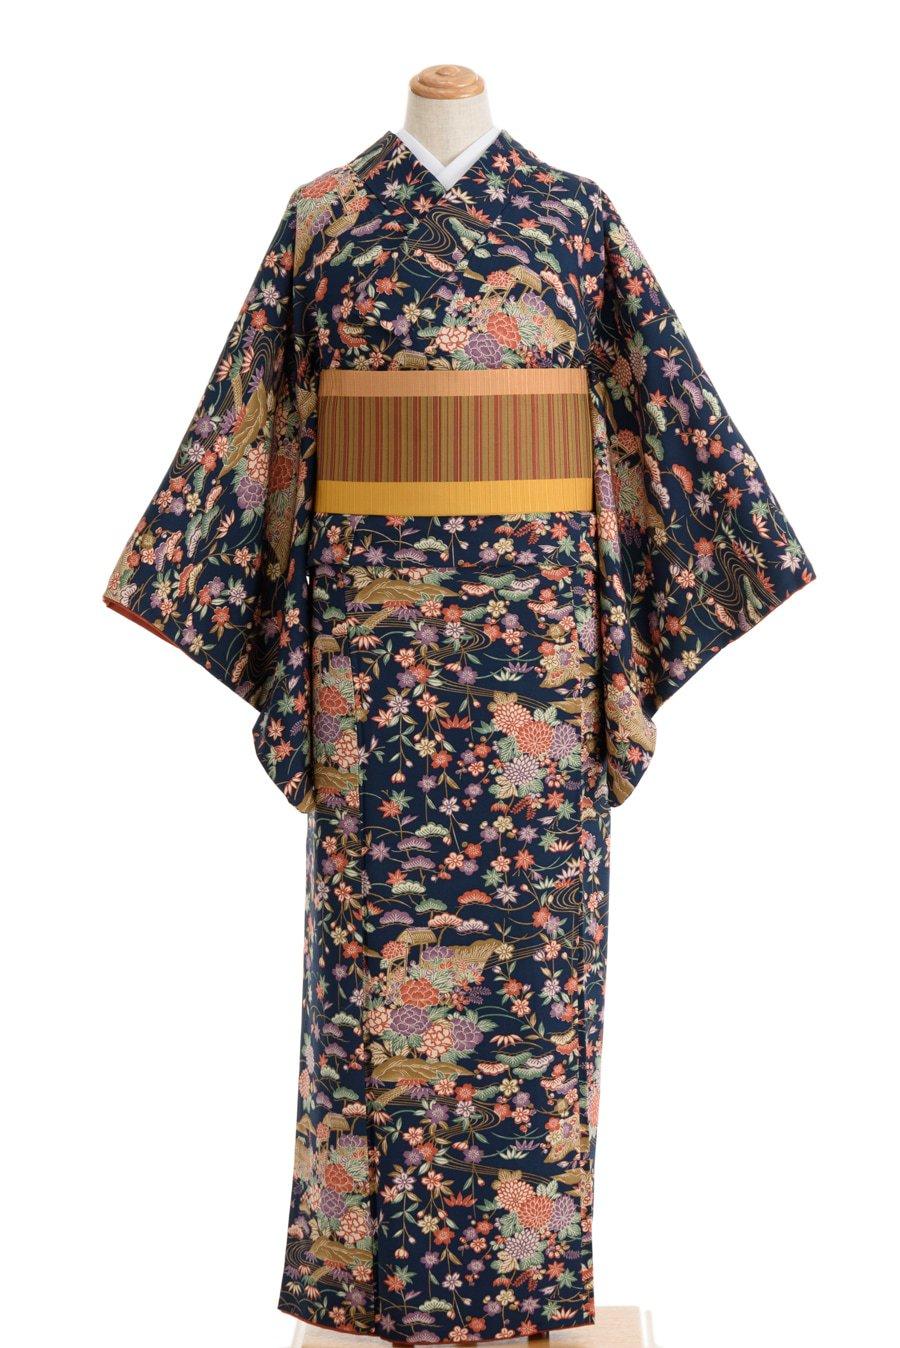 「紺藍地 牡丹や枝垂れ桜など」の商品画像